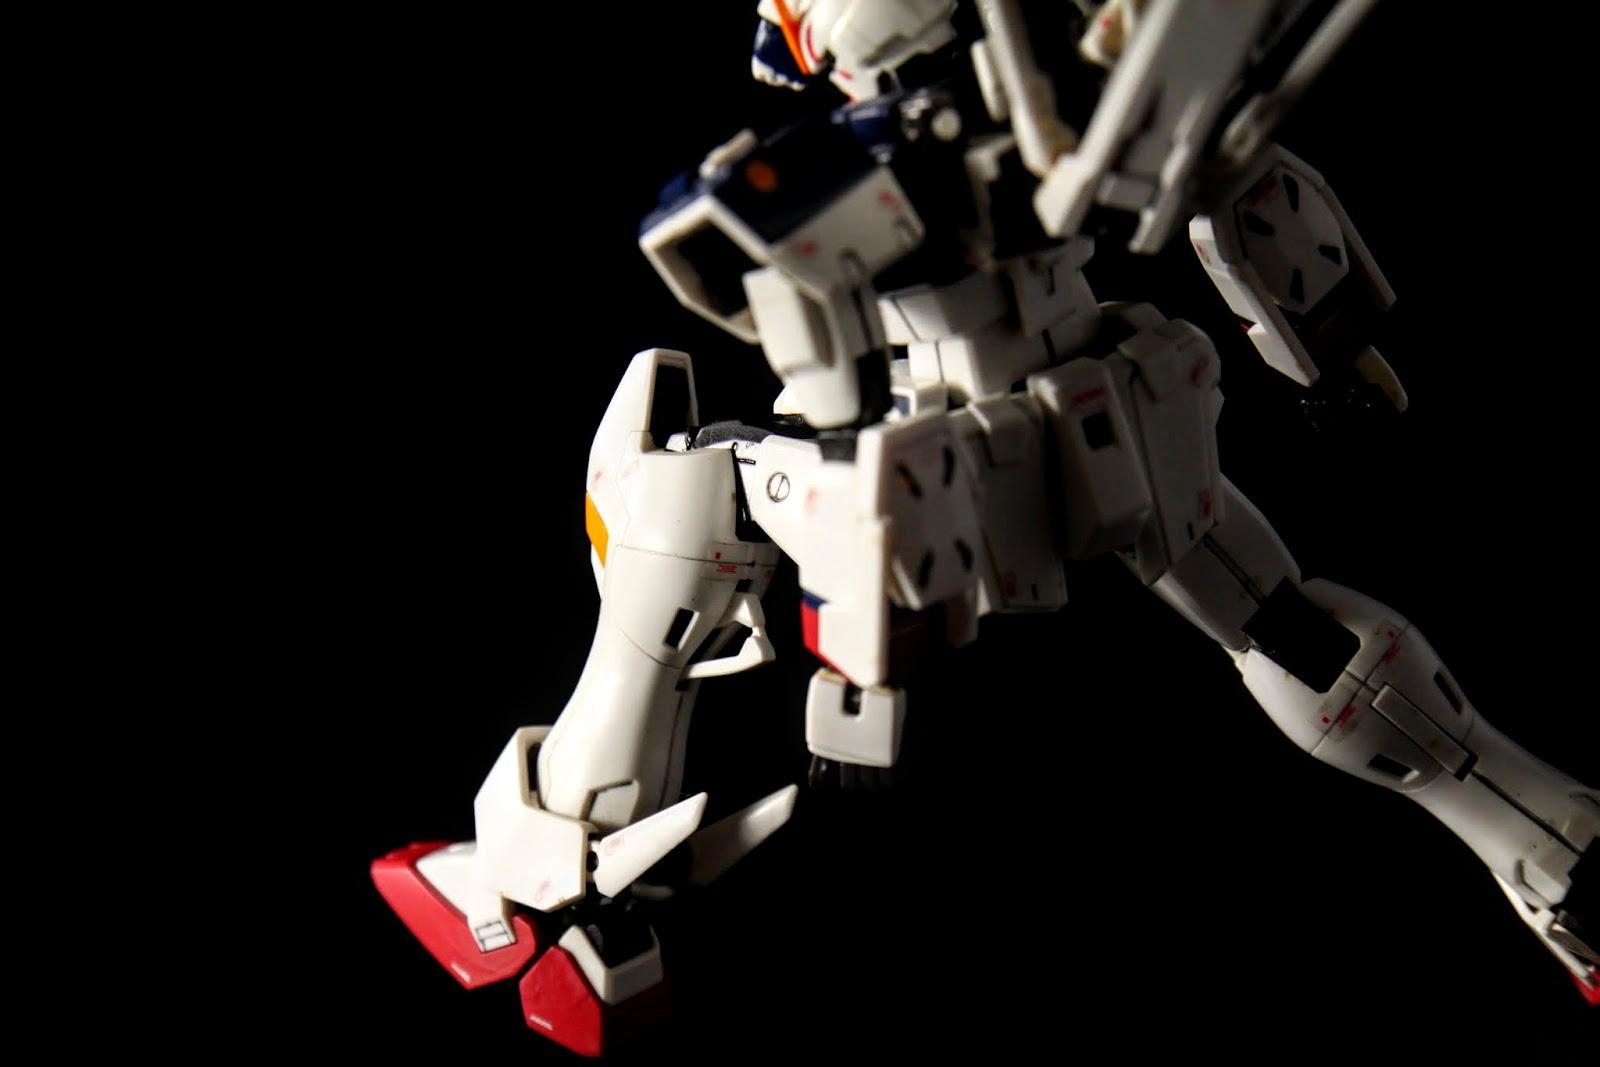 ヒートダガー, 短電熱刀兩把, 左右腿各一